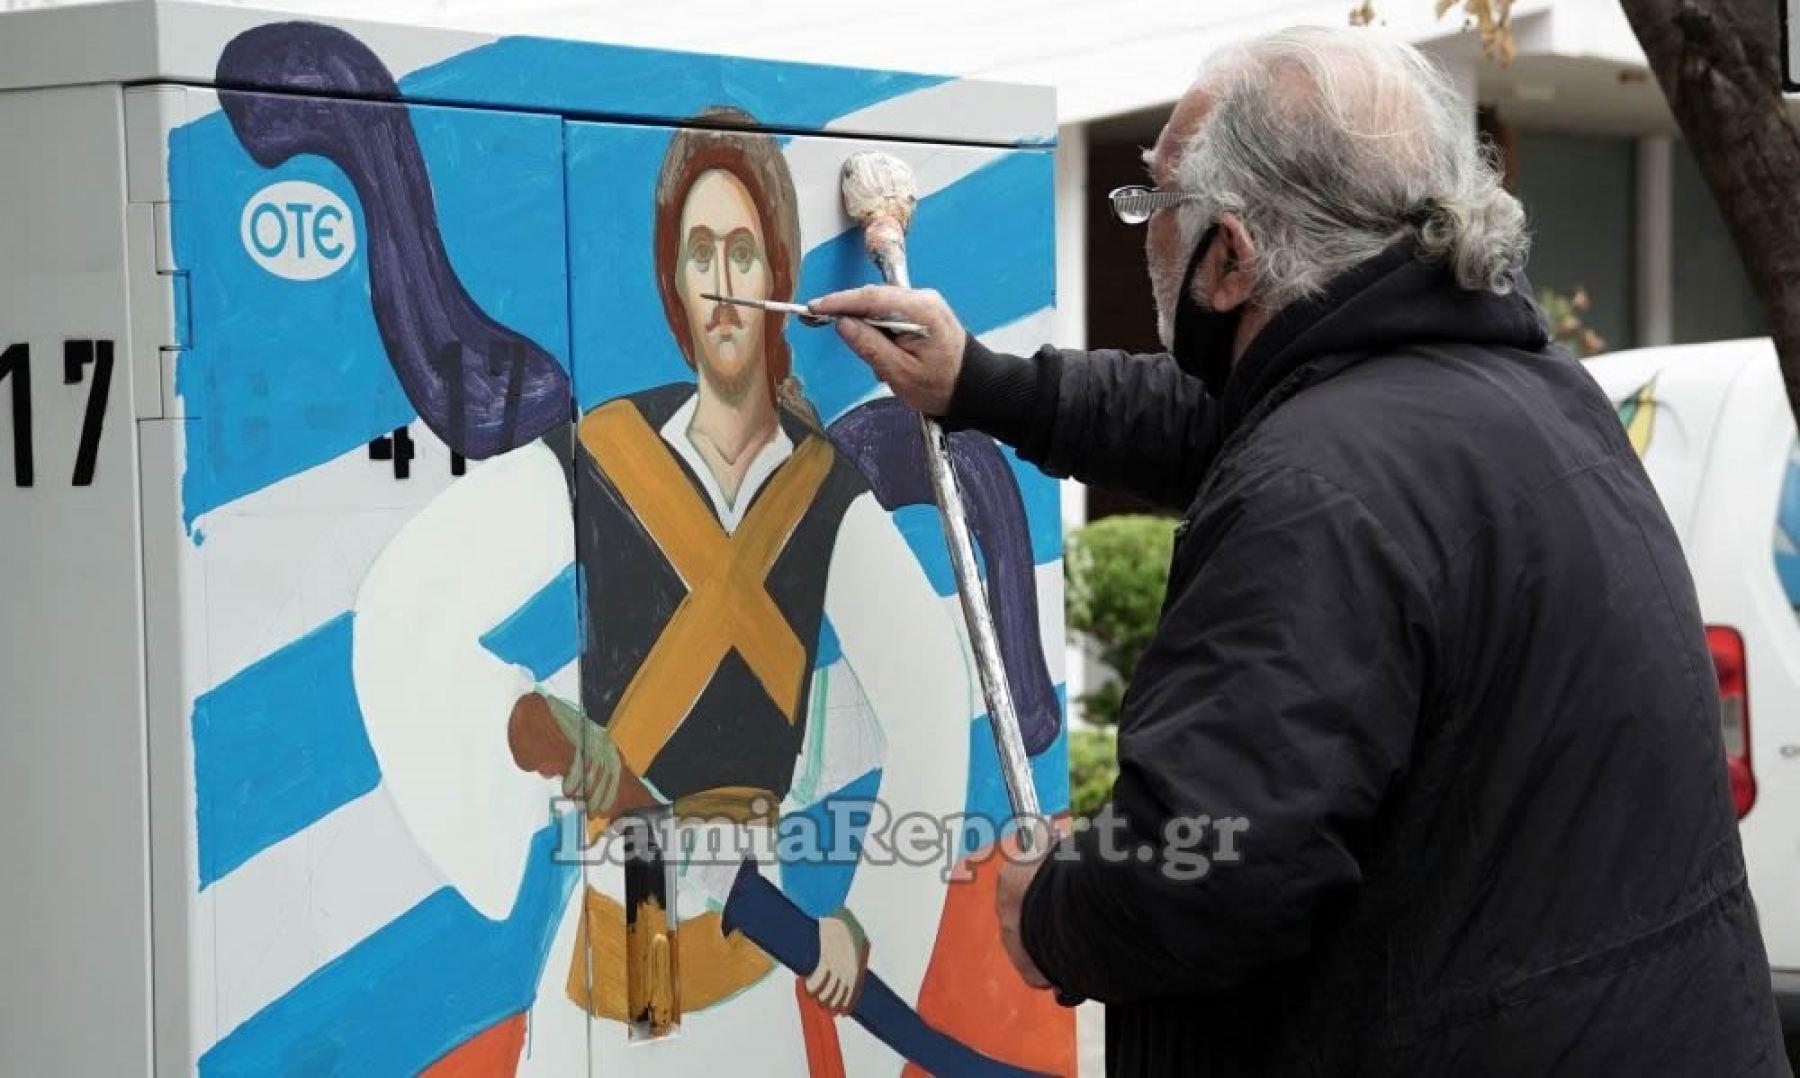 Λαμία: Έβγαλαν αφίσες και σκουριές για να μετατρέψουν τα καφάο σε έργα τέχνης (video)